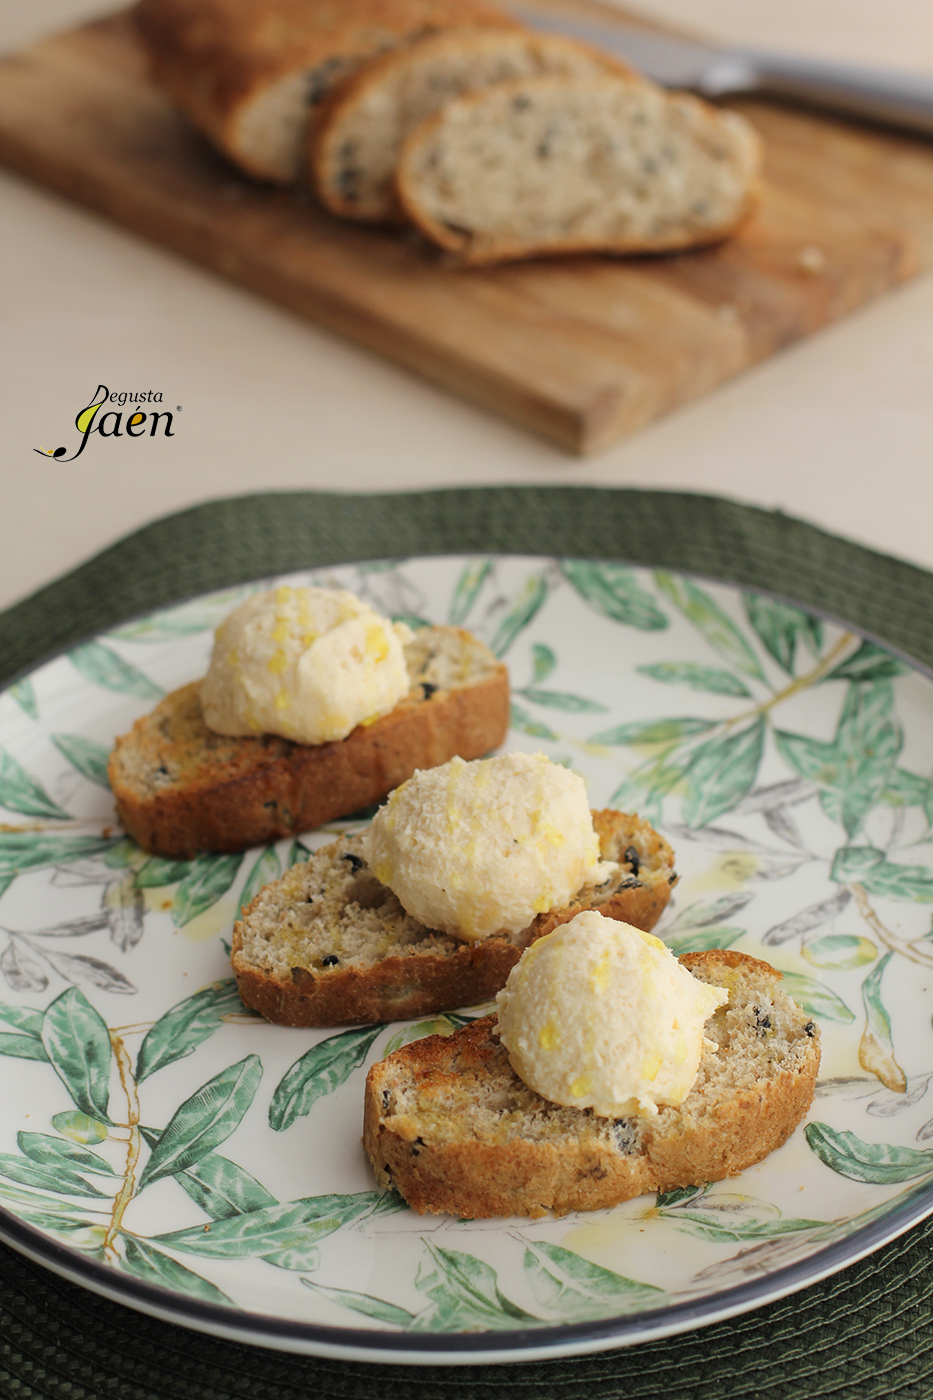 Mousse de queso curado con pate de aceitunas Degusta Jaen (1)